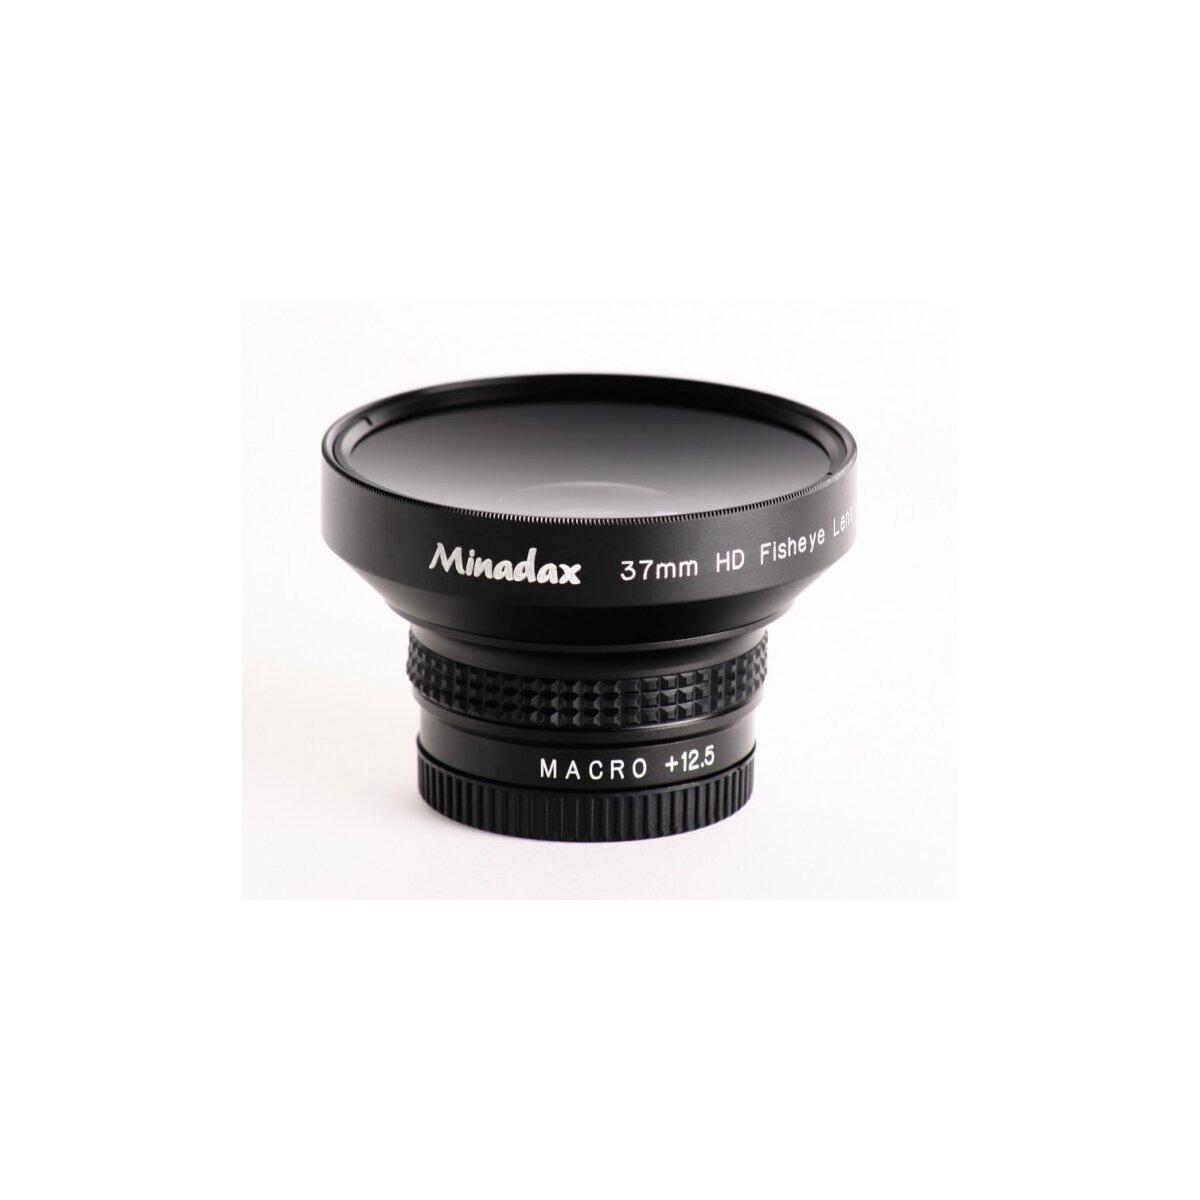 Minadax 0.25x Fisheye Vorsatz kompatibel mit Canon DC10, DC20, MVX450, MVX460 - in schwarz